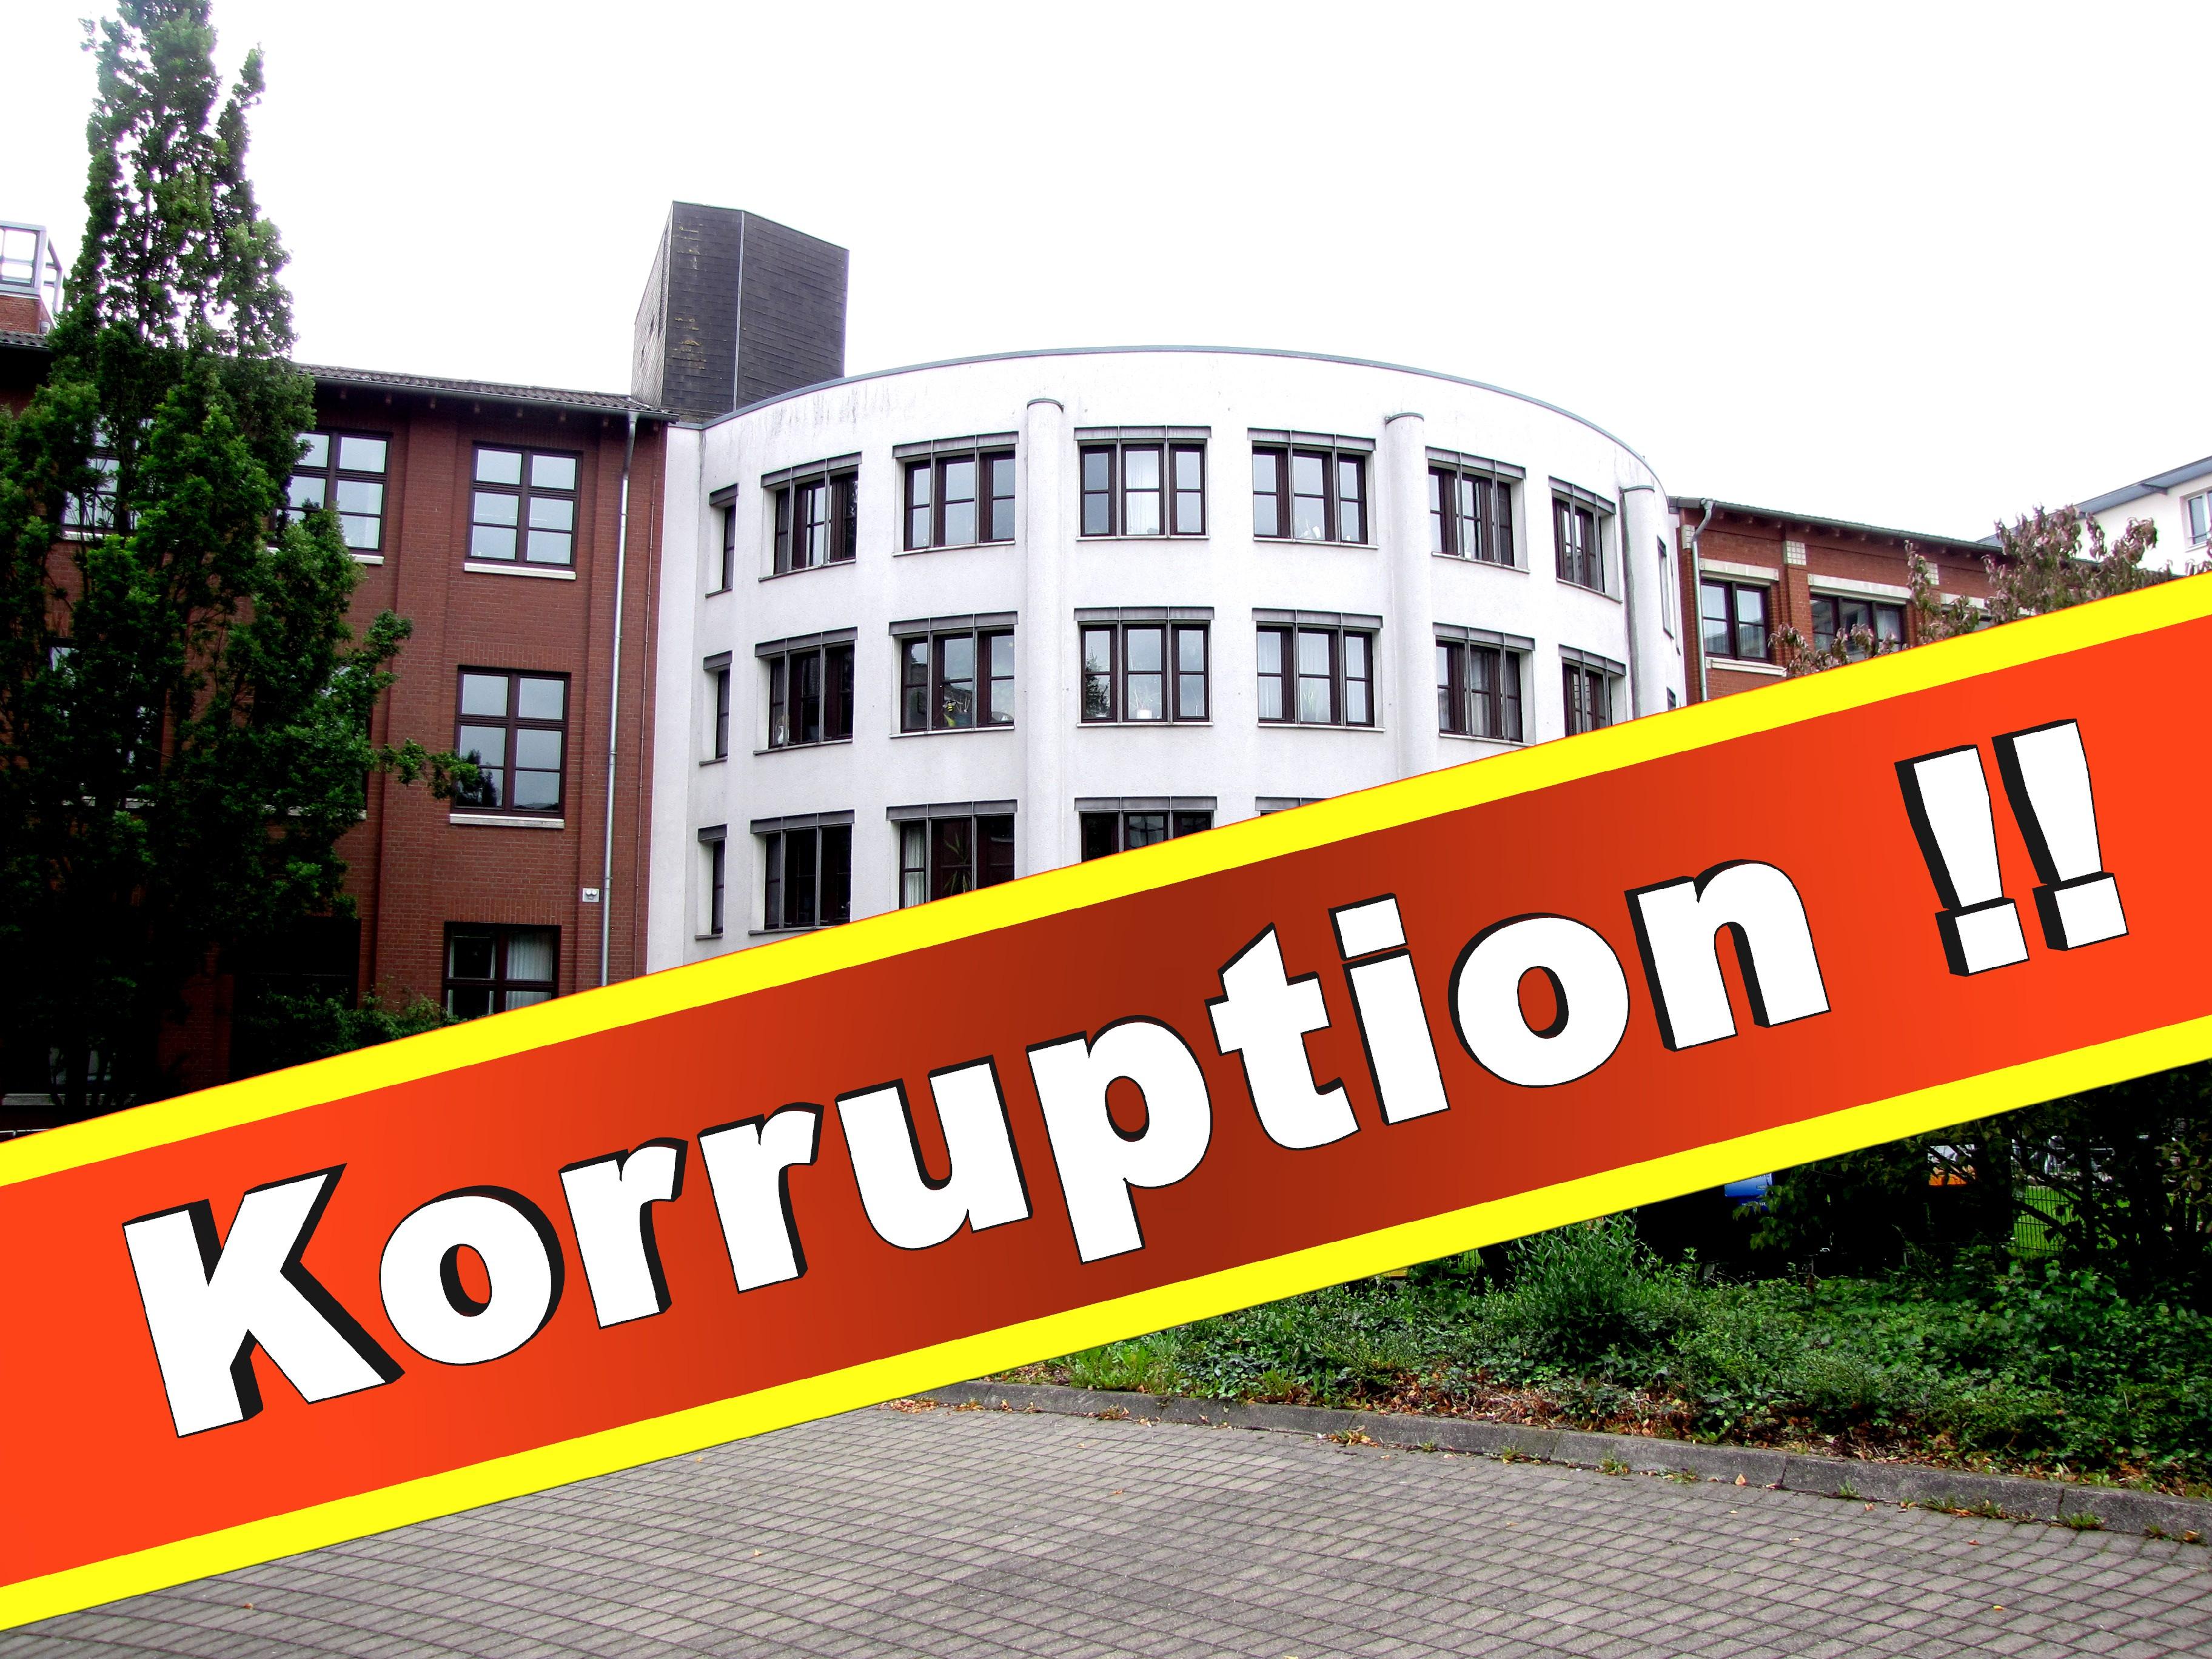 Gesundheitsamt Bielefeld Amtsarzt Adresse Gesundheitsbelehrung Telefon Schuleingangsuntersuchung Bielefeld Parken Gesundheitszeugnis (10)